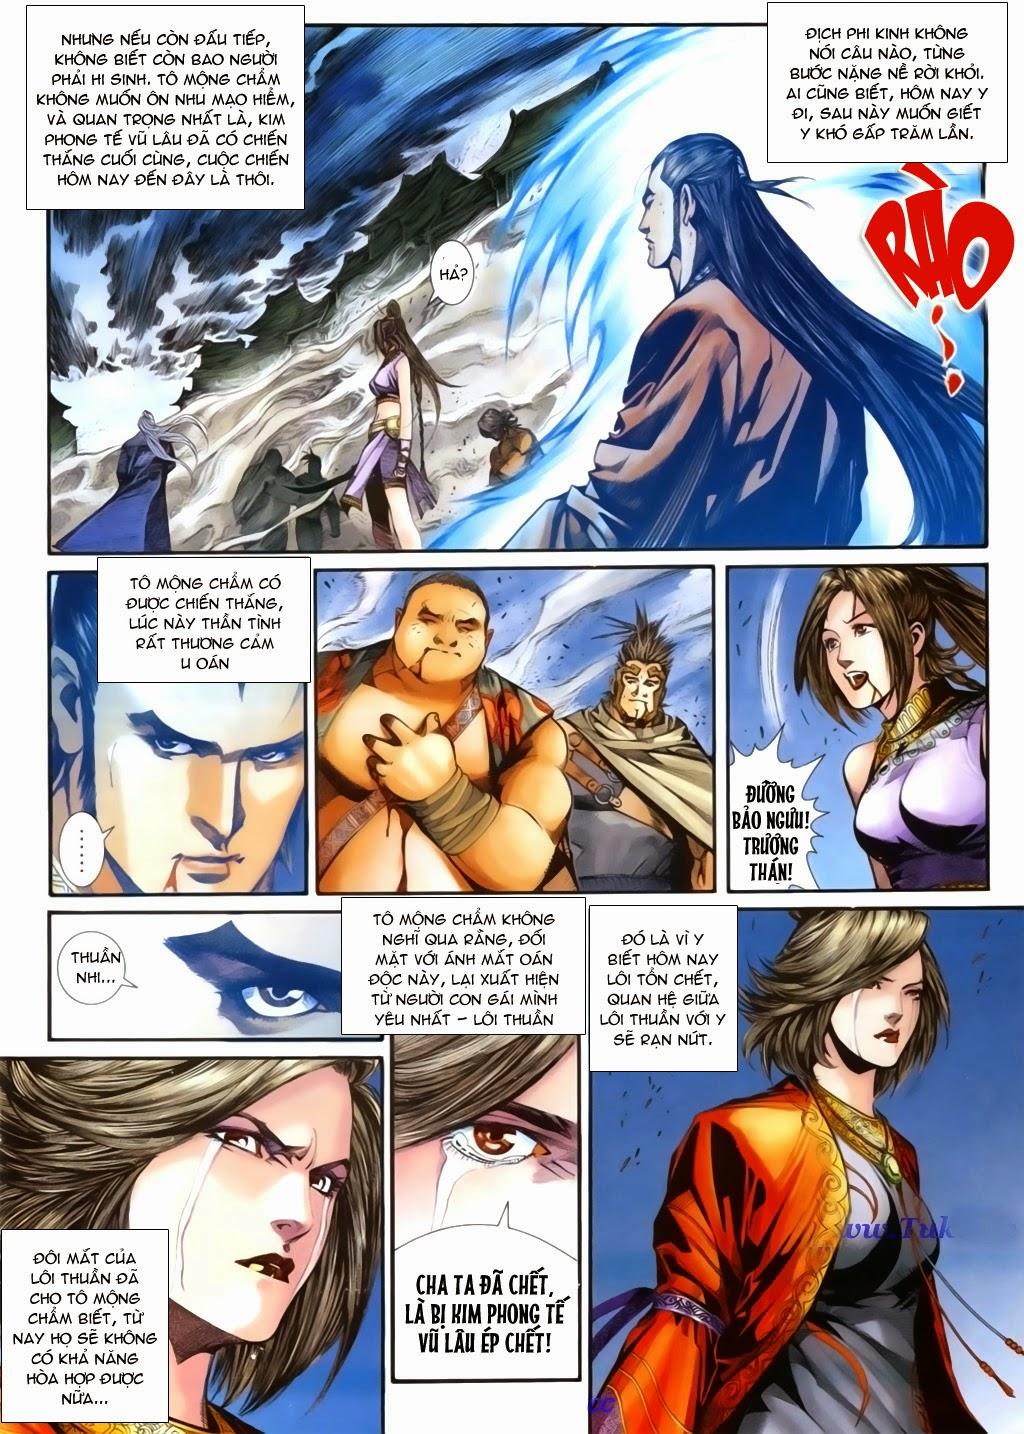 Thuyết Anh Hùng Thùy Thị Anh Hùng chap 16 Trang 15 - Mangak.info